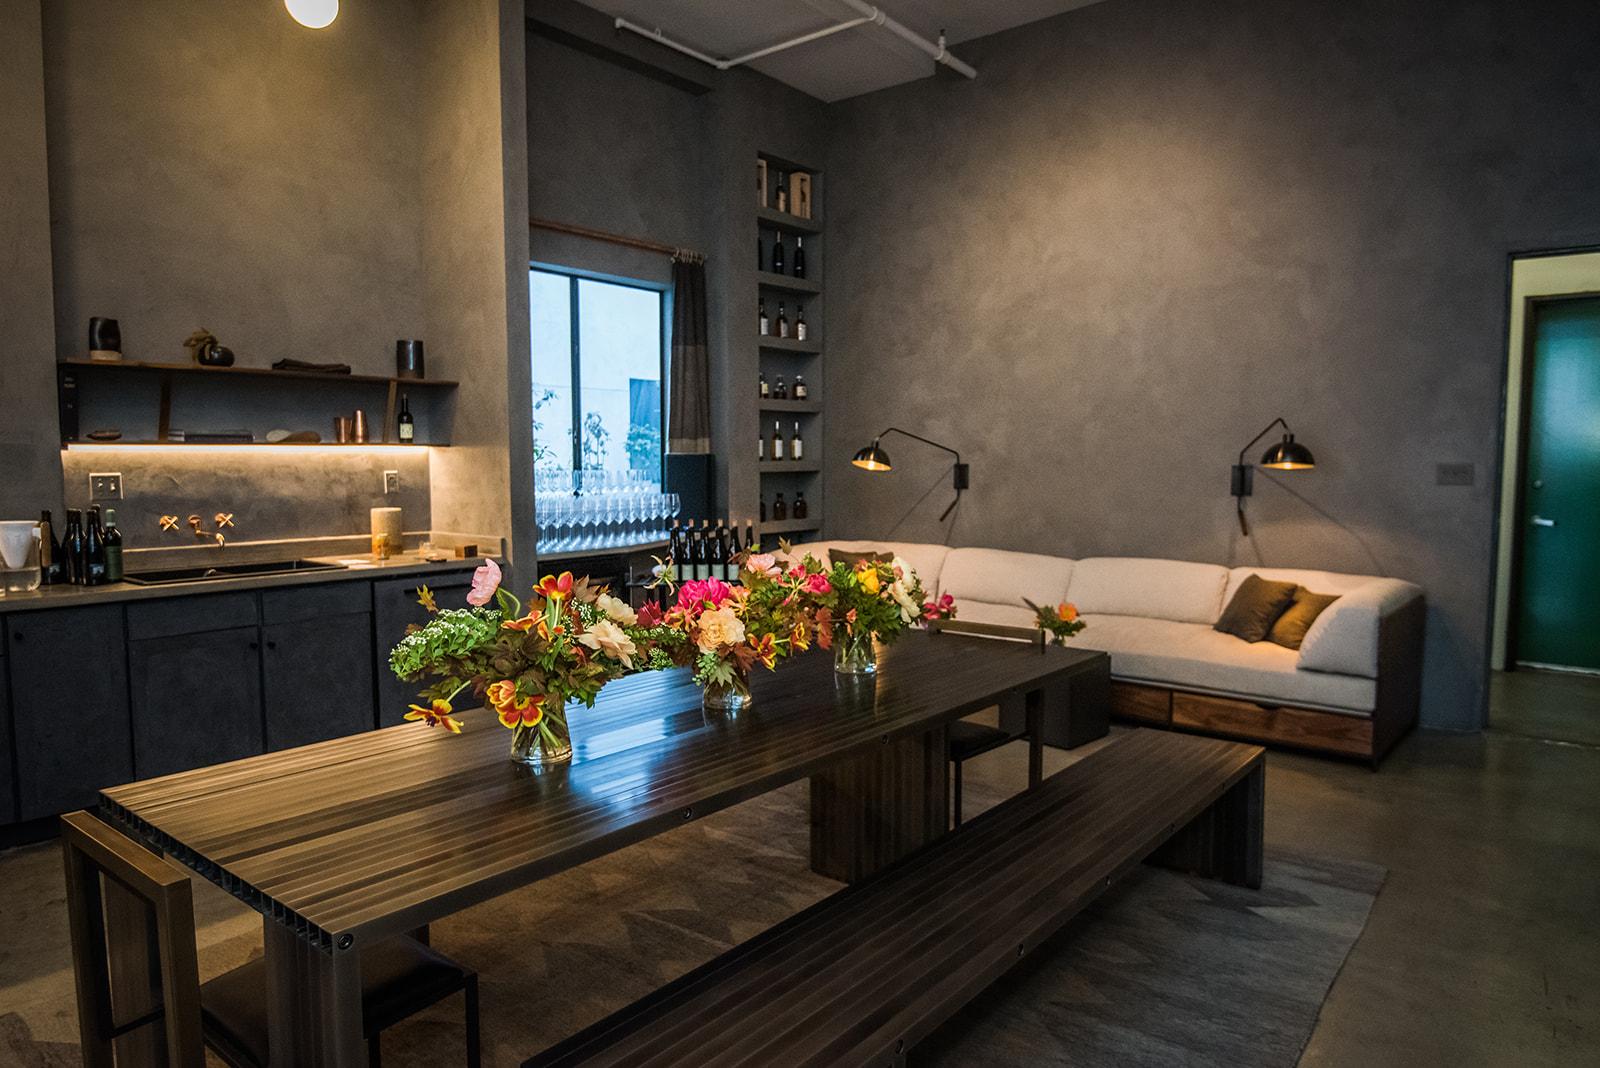 floral kitchen.jpg